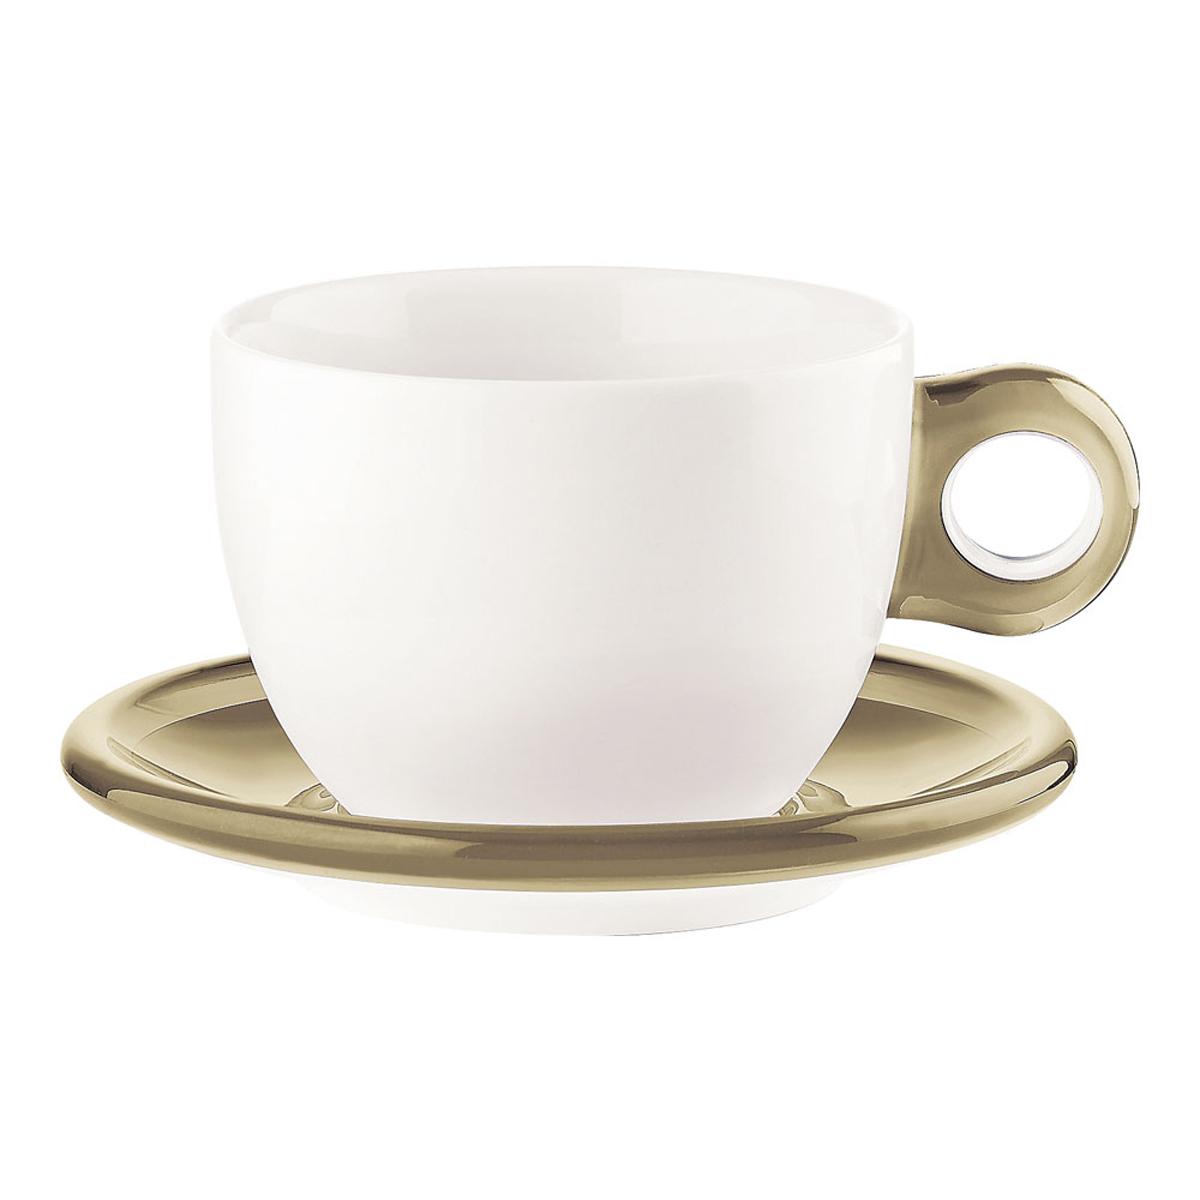 ゴッチェ ブレックファーストカップ2P 2775.0039 サンド 6-2147-0402【卓上用品 グラス 食器 洋食器 コーヒー ティーカップ 業務用 販売 通販】[10P03Dec16]